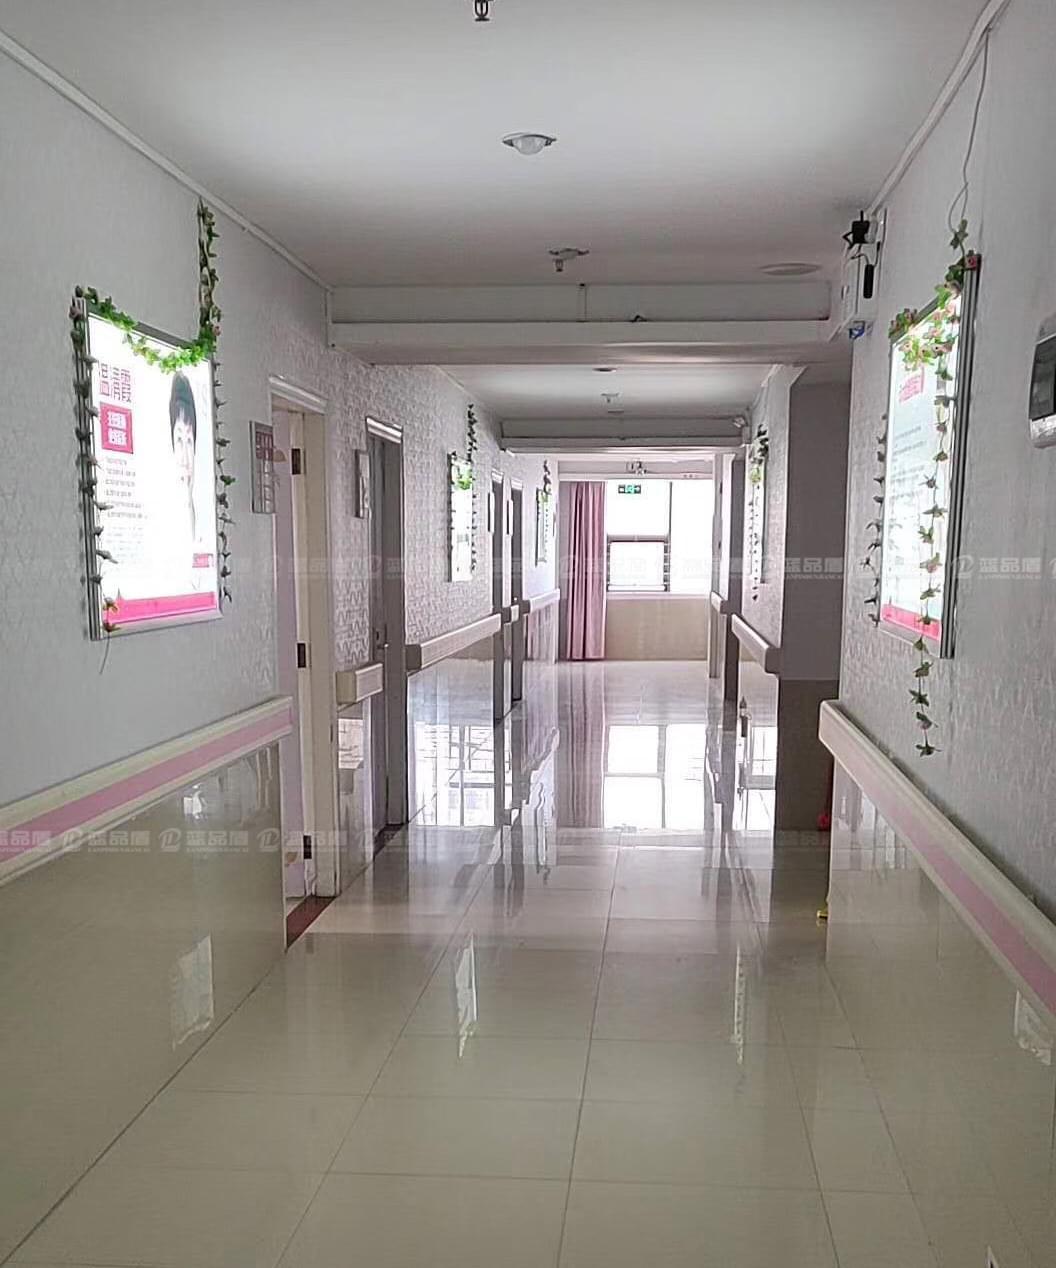 【湛江】和家宝妇产医院不同区域搭配不同颜色的PVC扶手